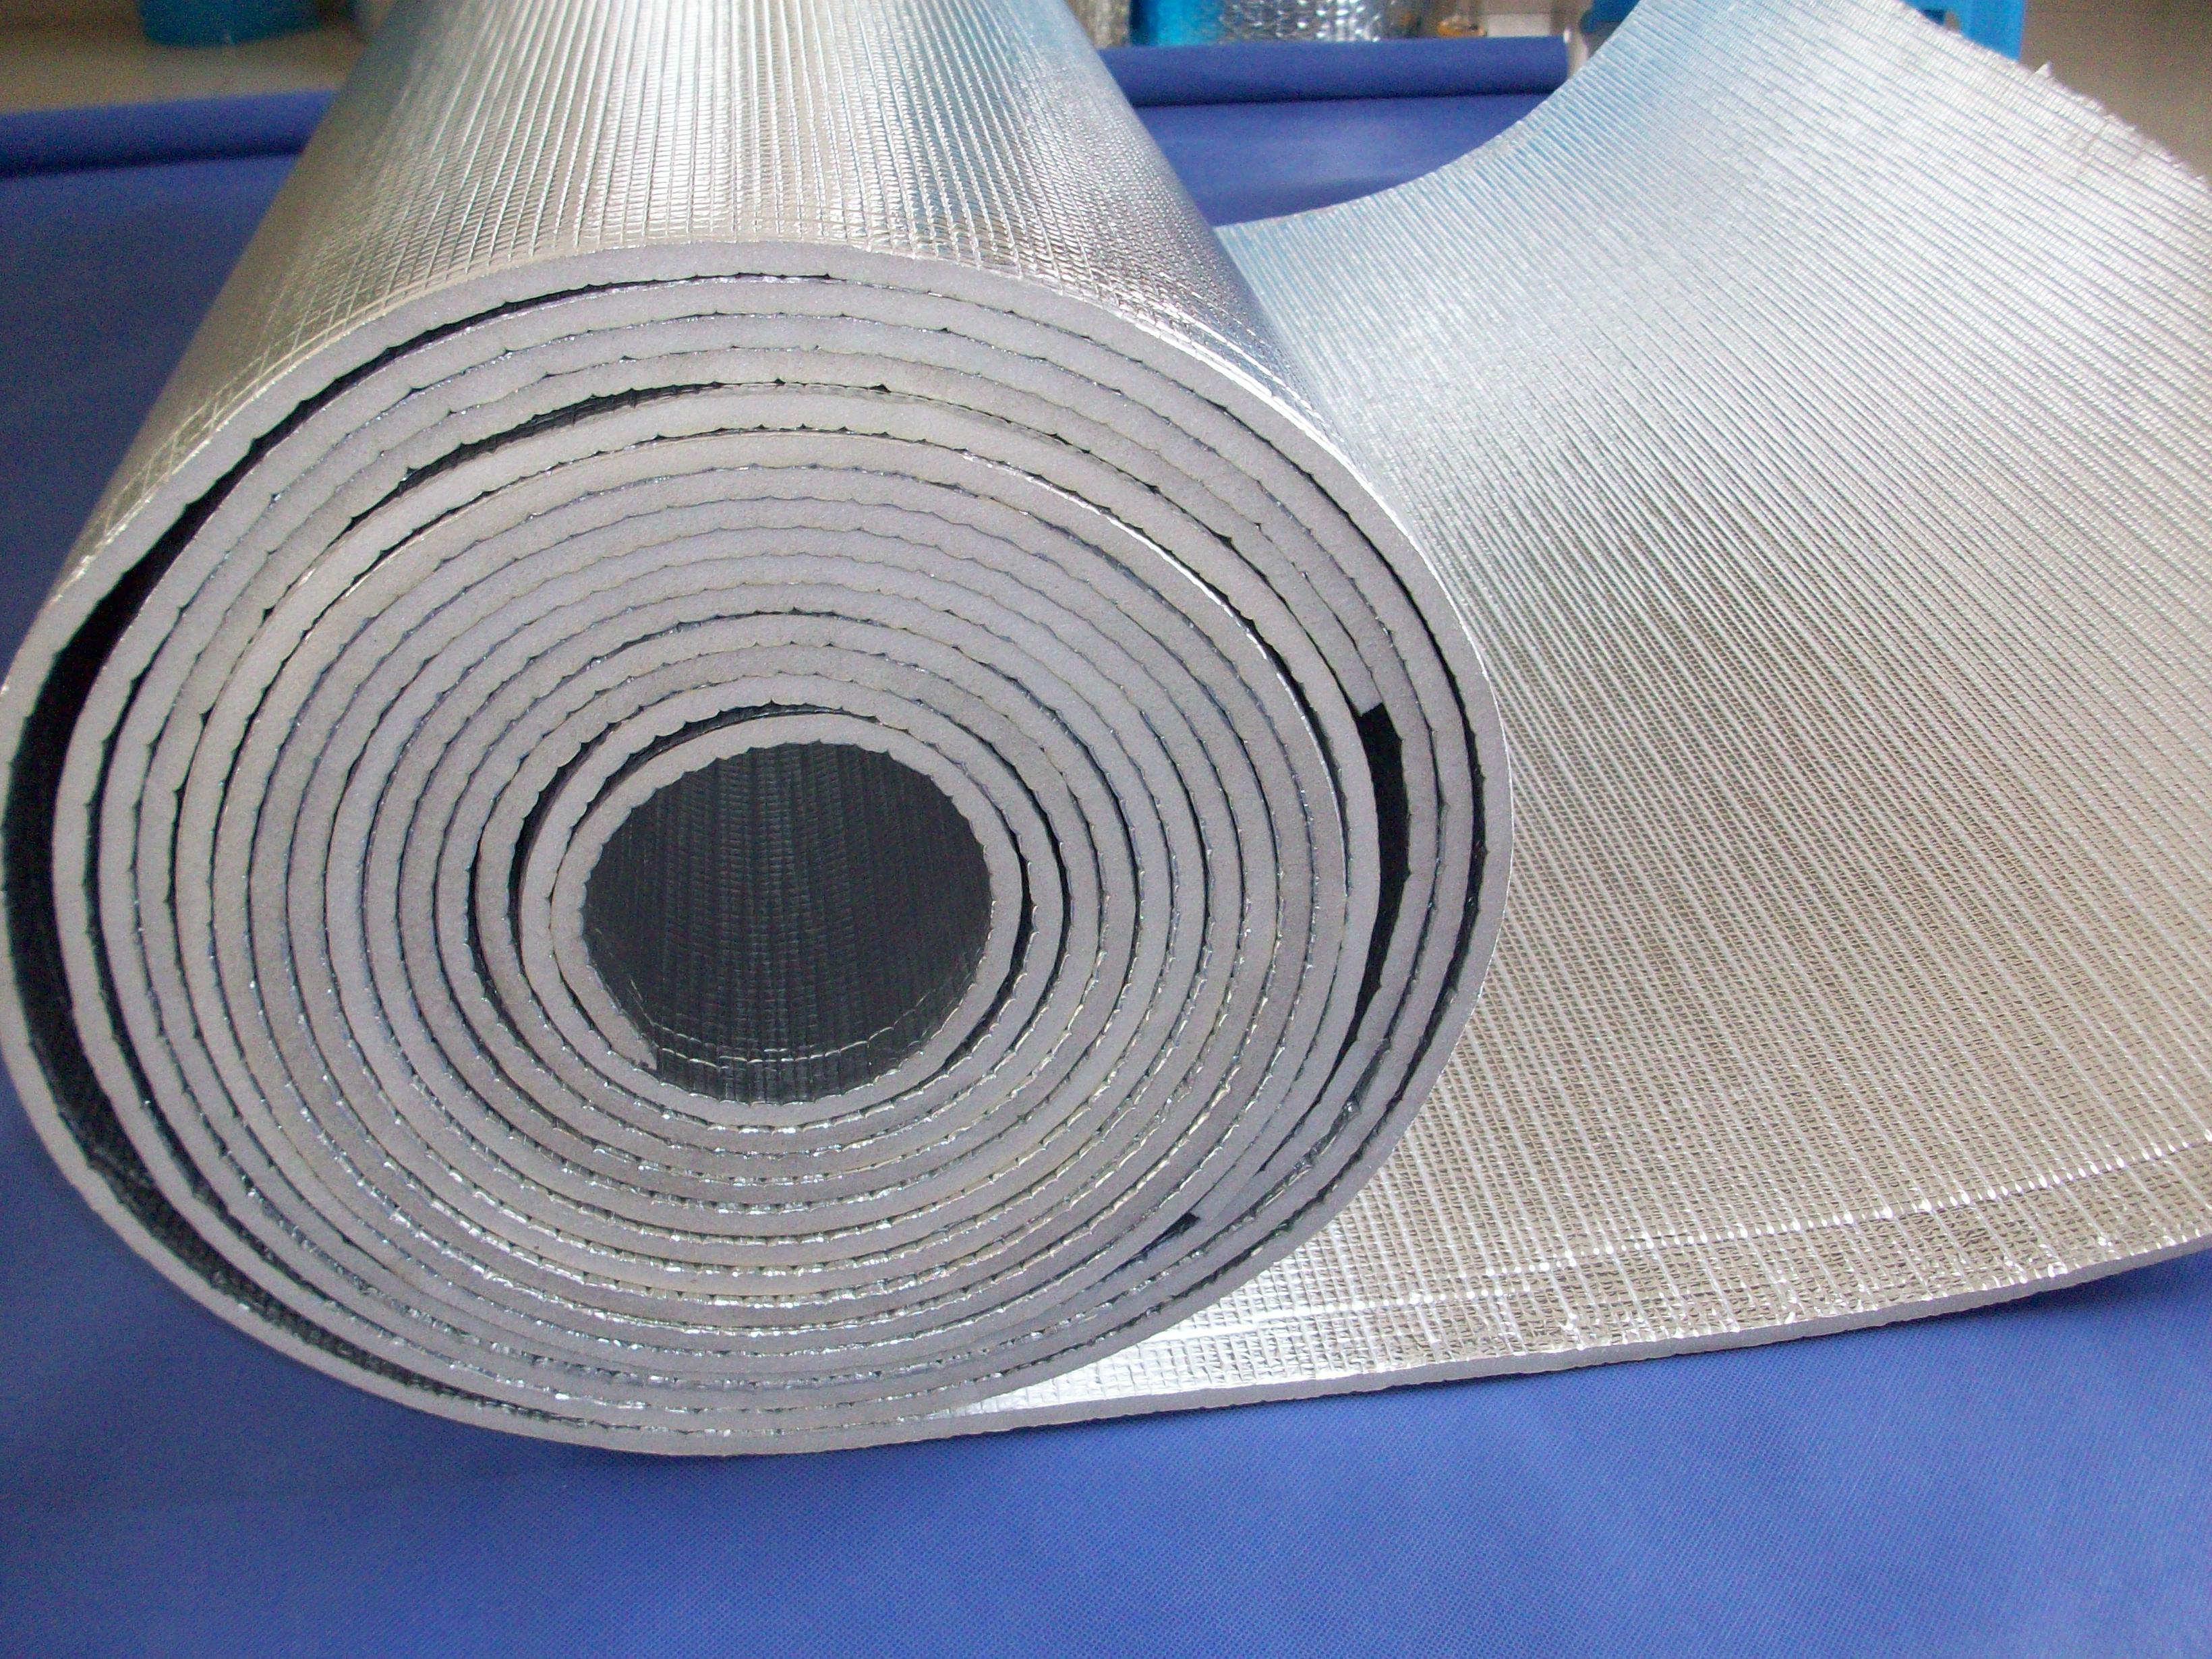 新型钢结构屋顶隔热反射材料 新型节能环保材料-铝箔编织布复合 xpe